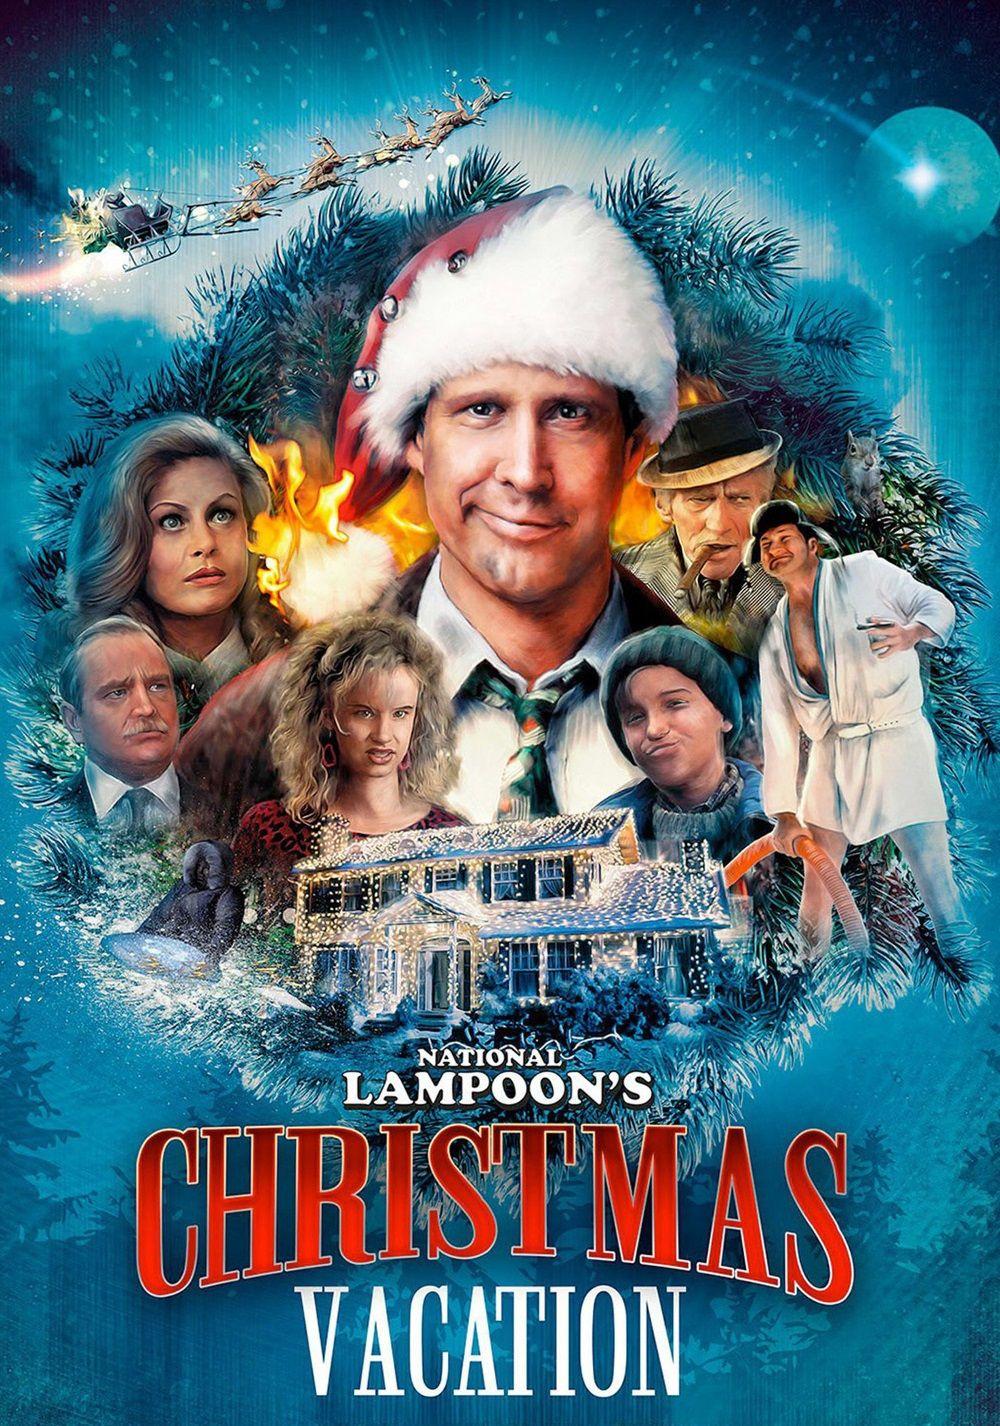 De leukste kerstfilm allertijden! Lachen met tranen